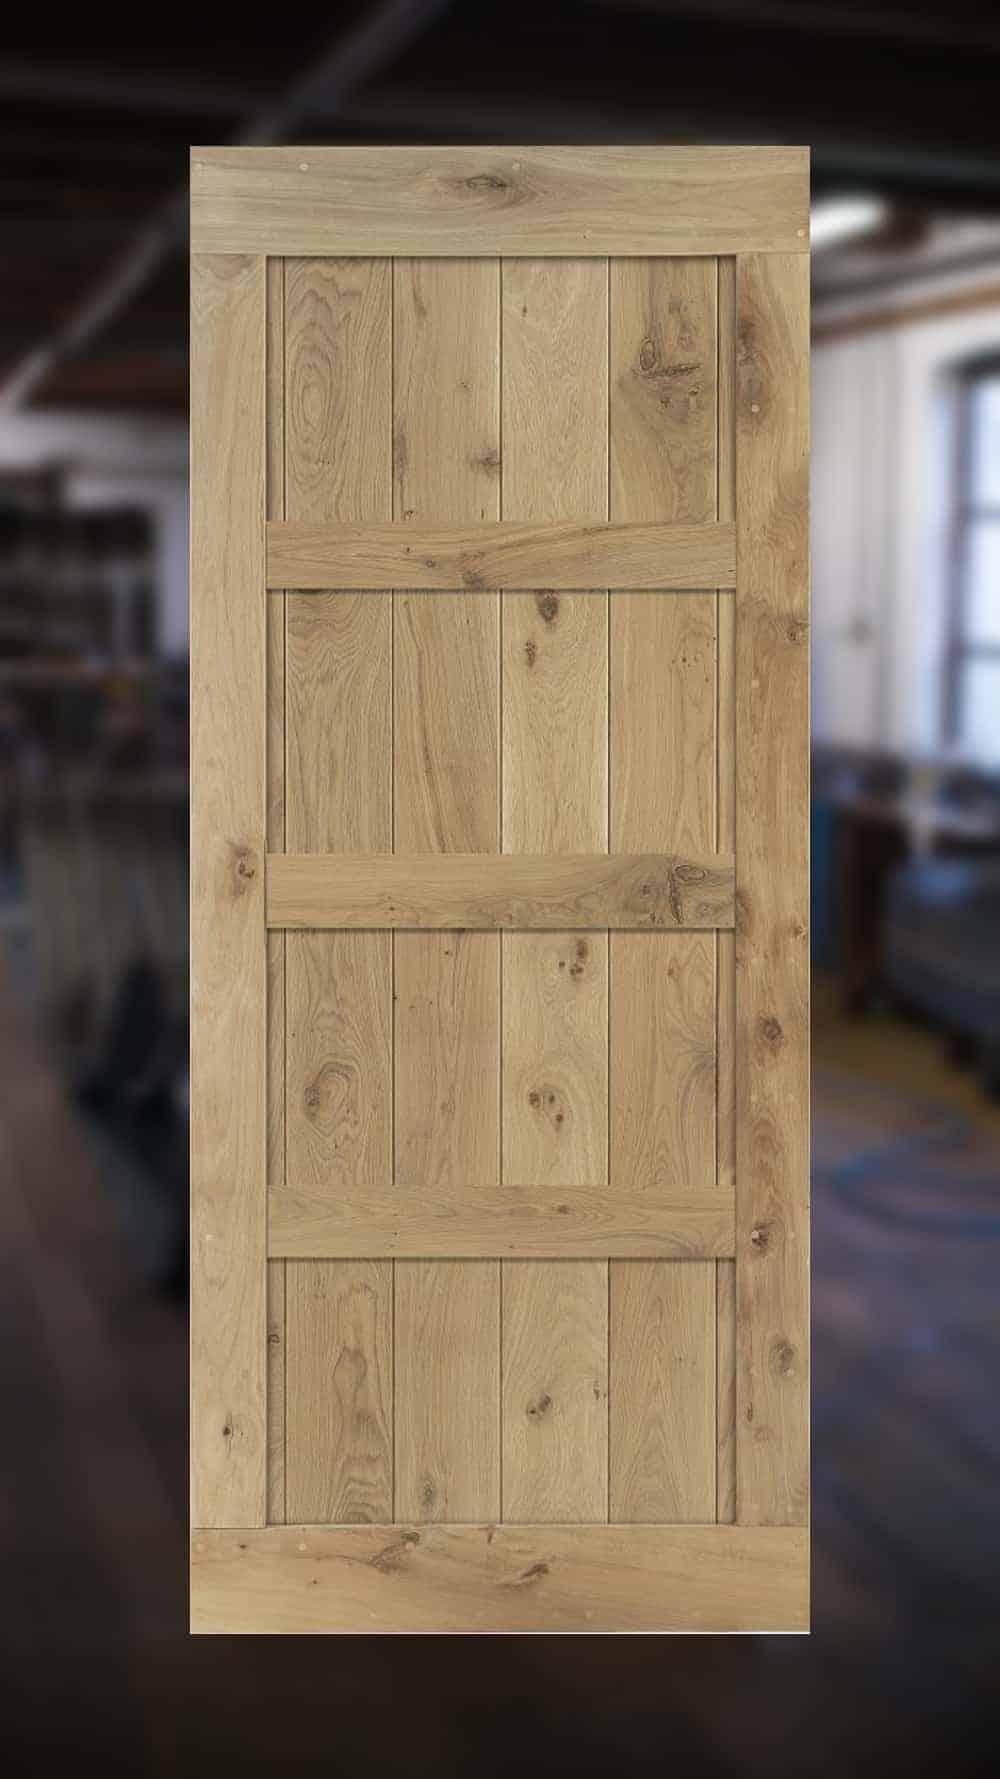 houten binnendeur van Cottageworld gemaakt van duurzaam eikenhout